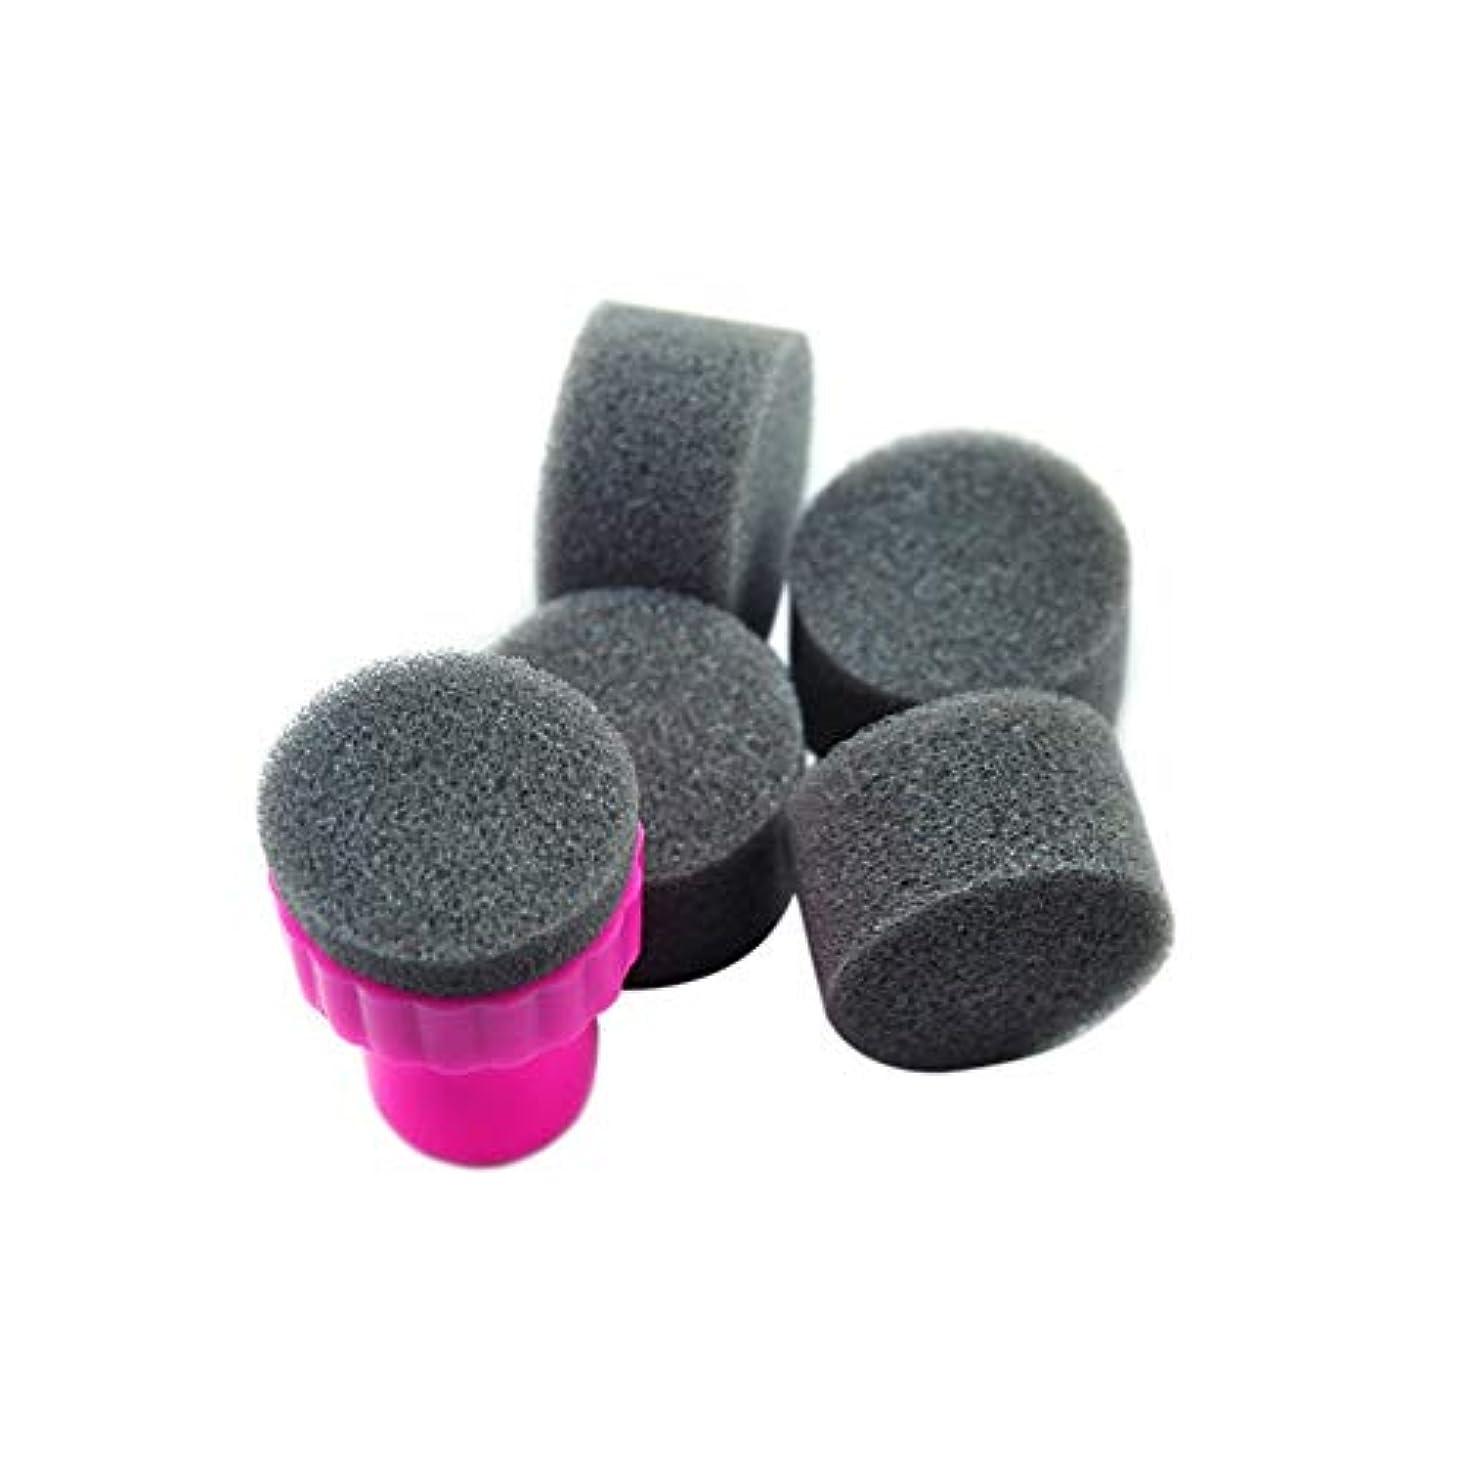 制裁微弱乱れ5柔らかいスポンジシール型フェージング美容ネイル用品